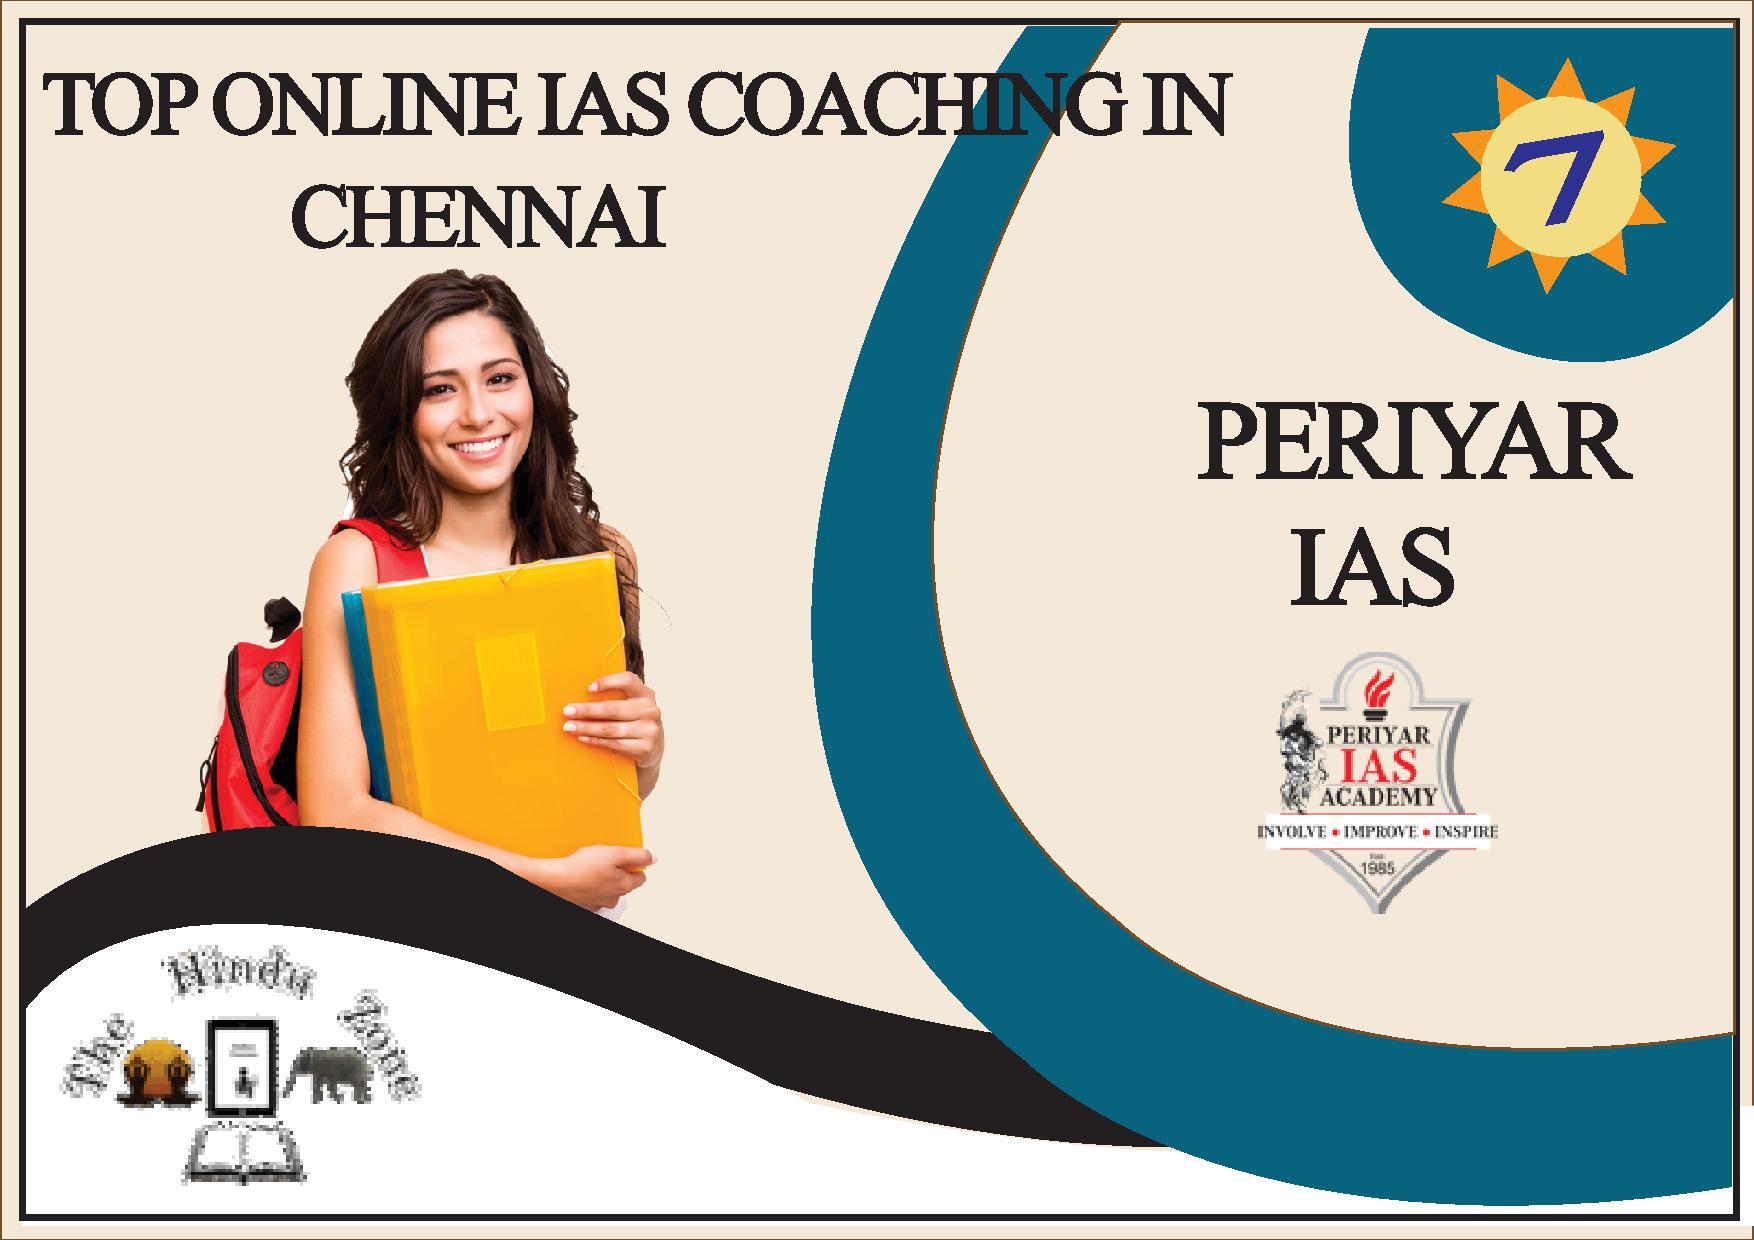 Periyar IAS Academy in Chennai